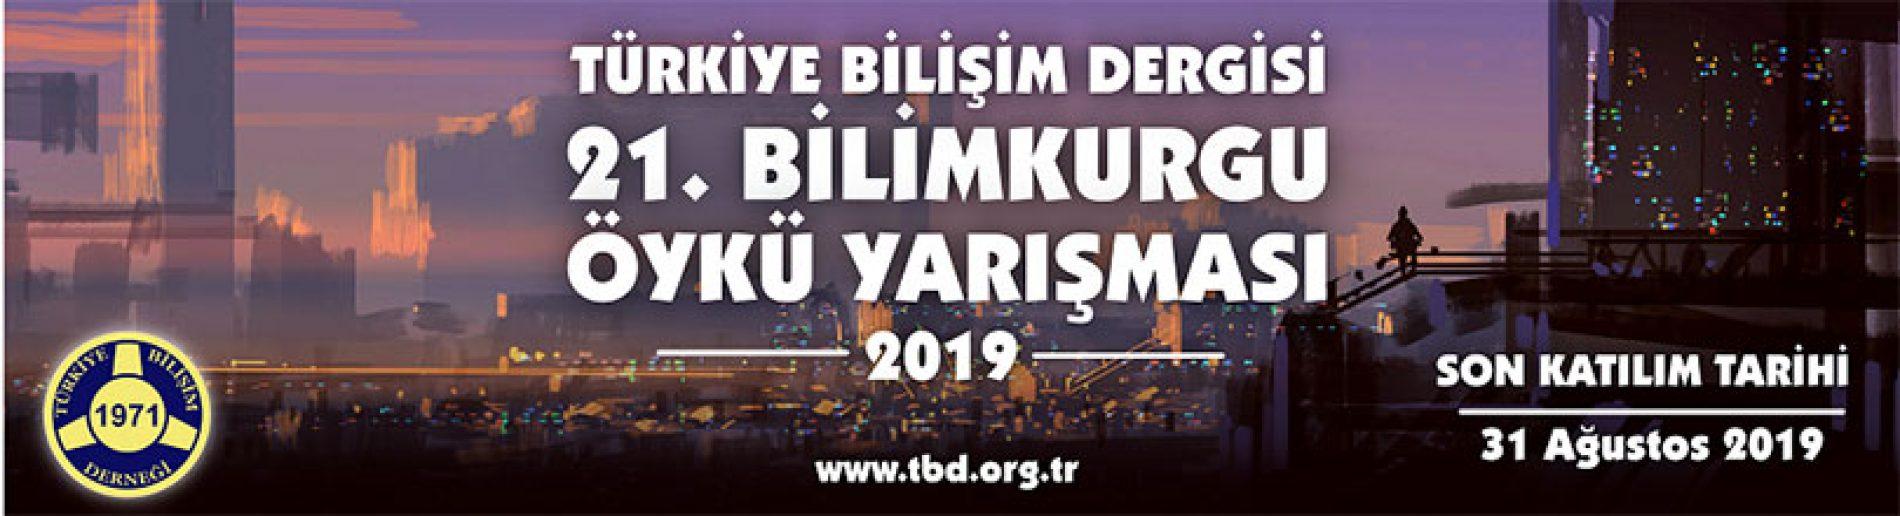 Türkiye Bilişim Dergisi 2019 Bilimkurgu Öykü Yarışması